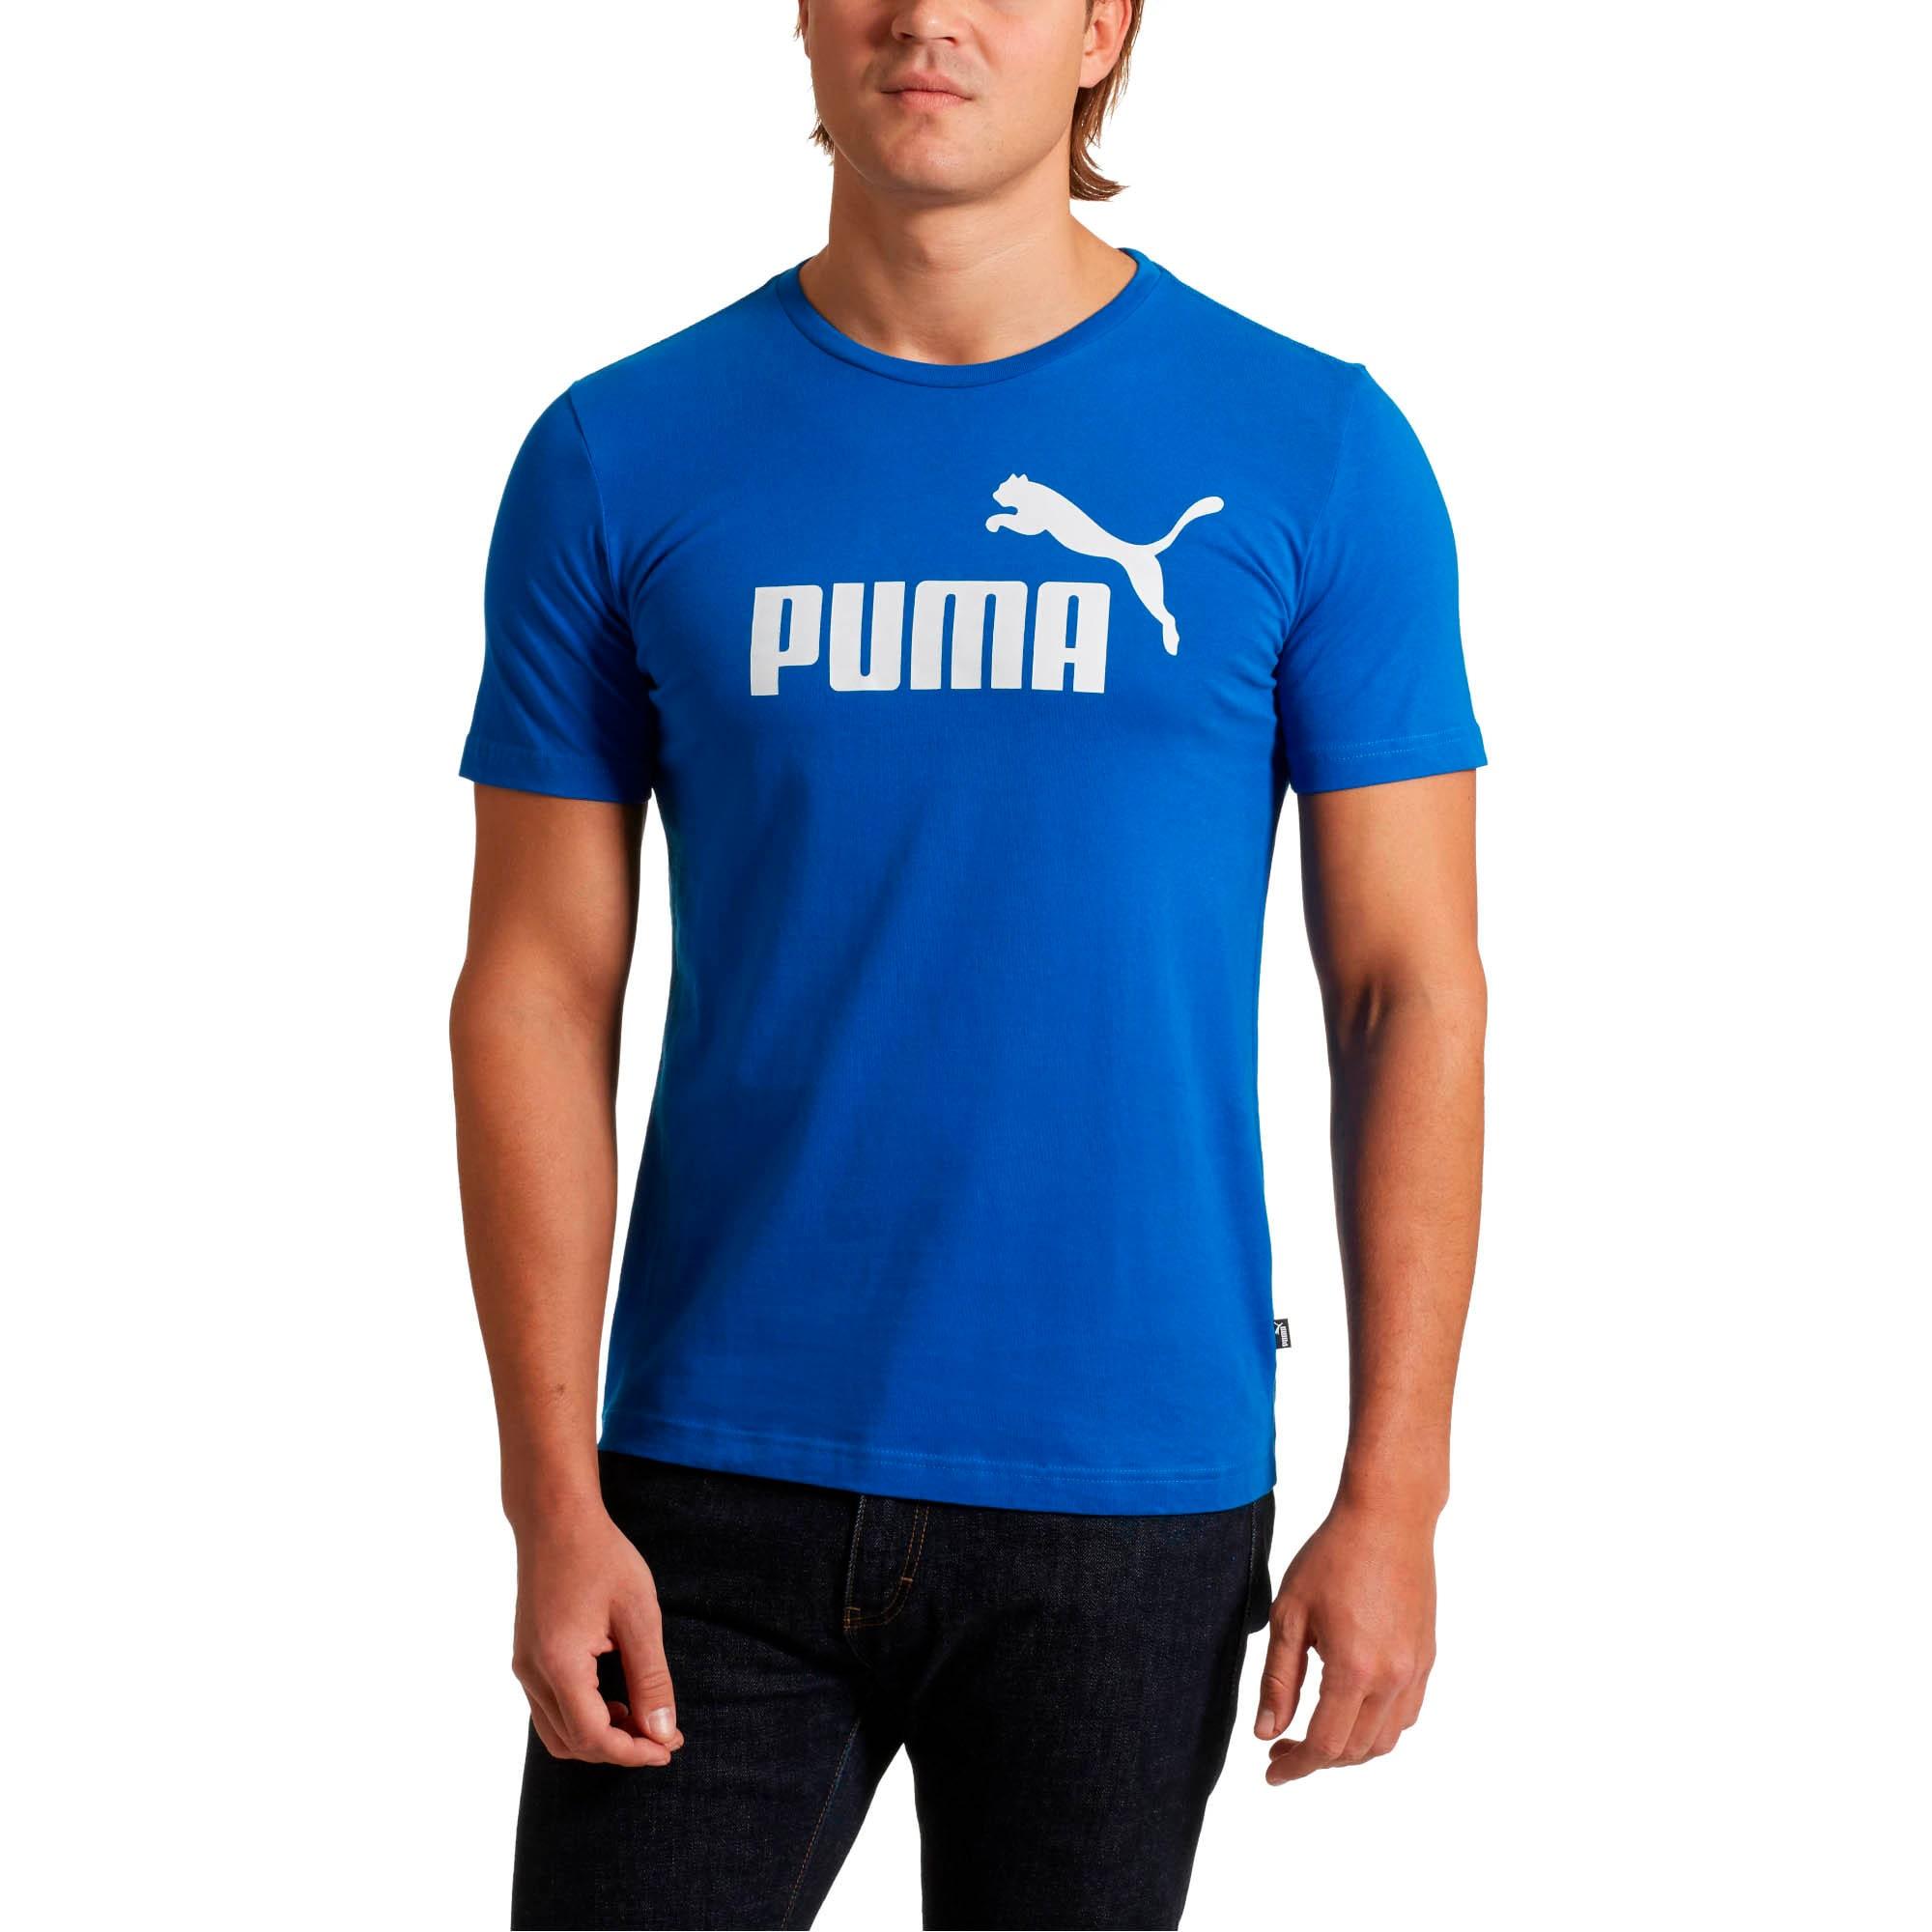 Thumbnail 1 of Essentials Men's Tee, Puma Royal, medium